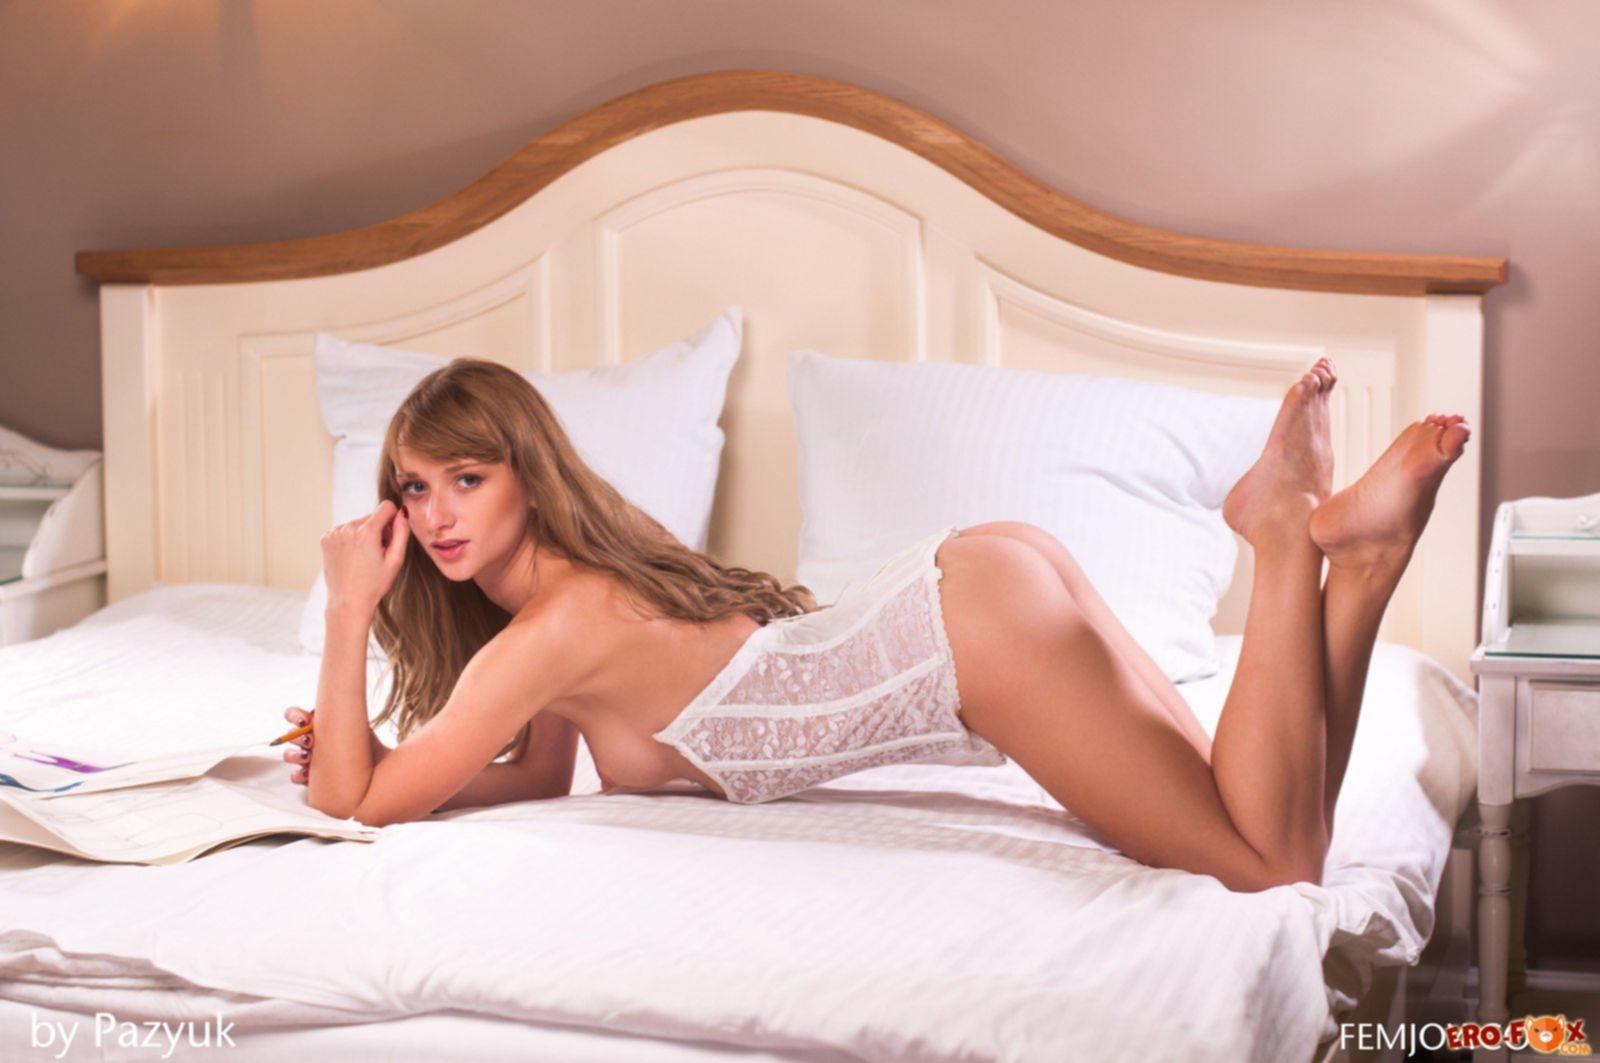 Сексуальная девушка сняла белые трусики » Эротика - смотреть лучшую фото эротику бесплатно.